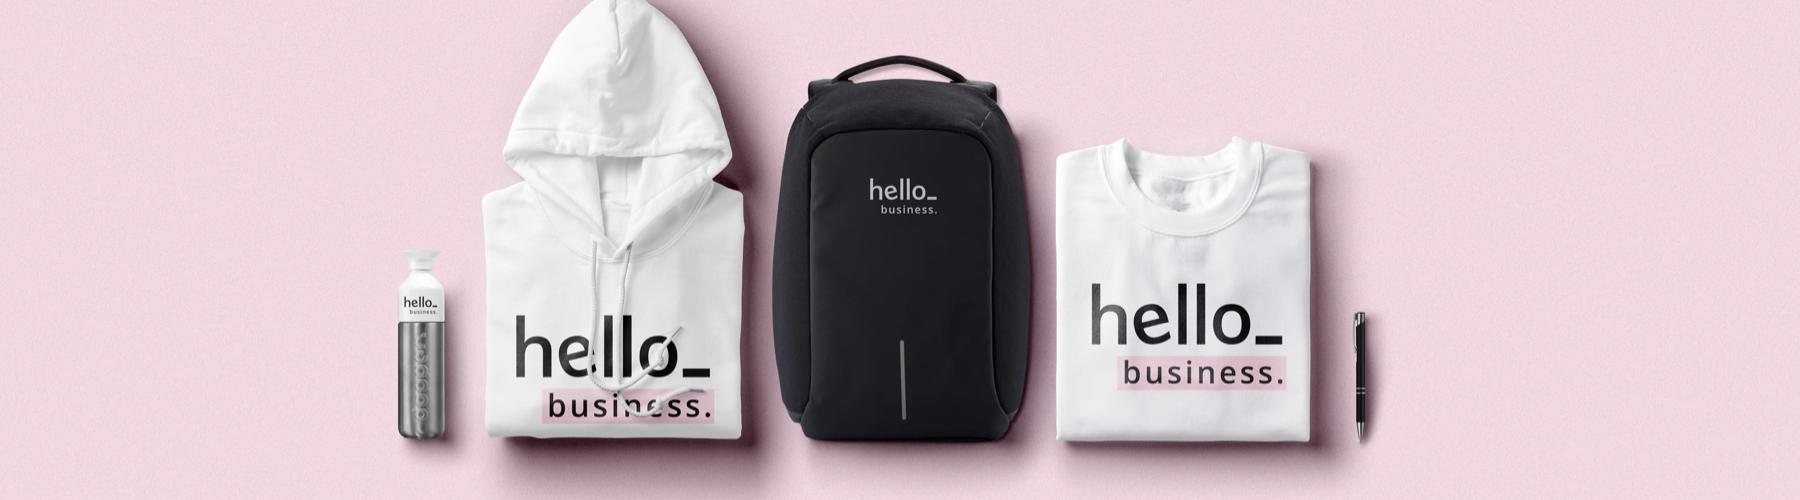 3 ideas para destacar con productos personalizados